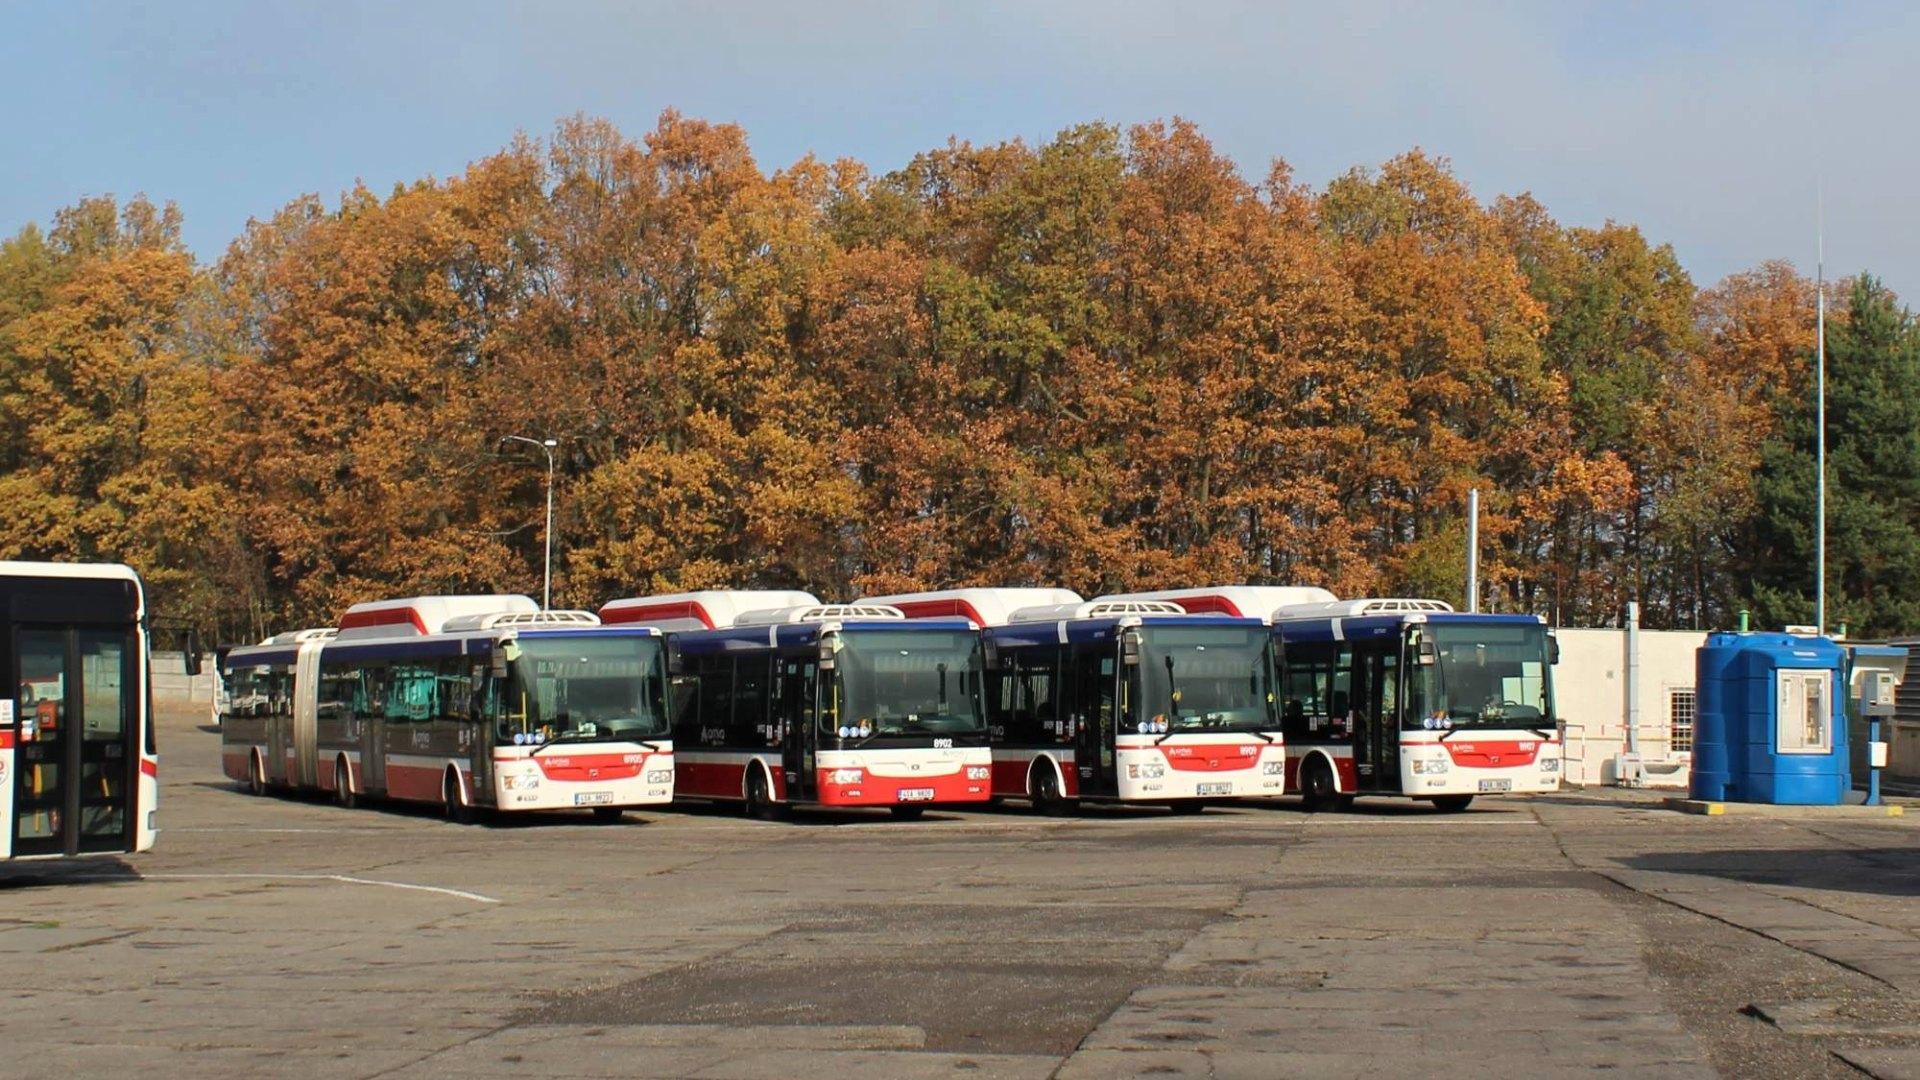 ČSAD Kladno MHD, autobusy, jízdní řády a vše o firmě